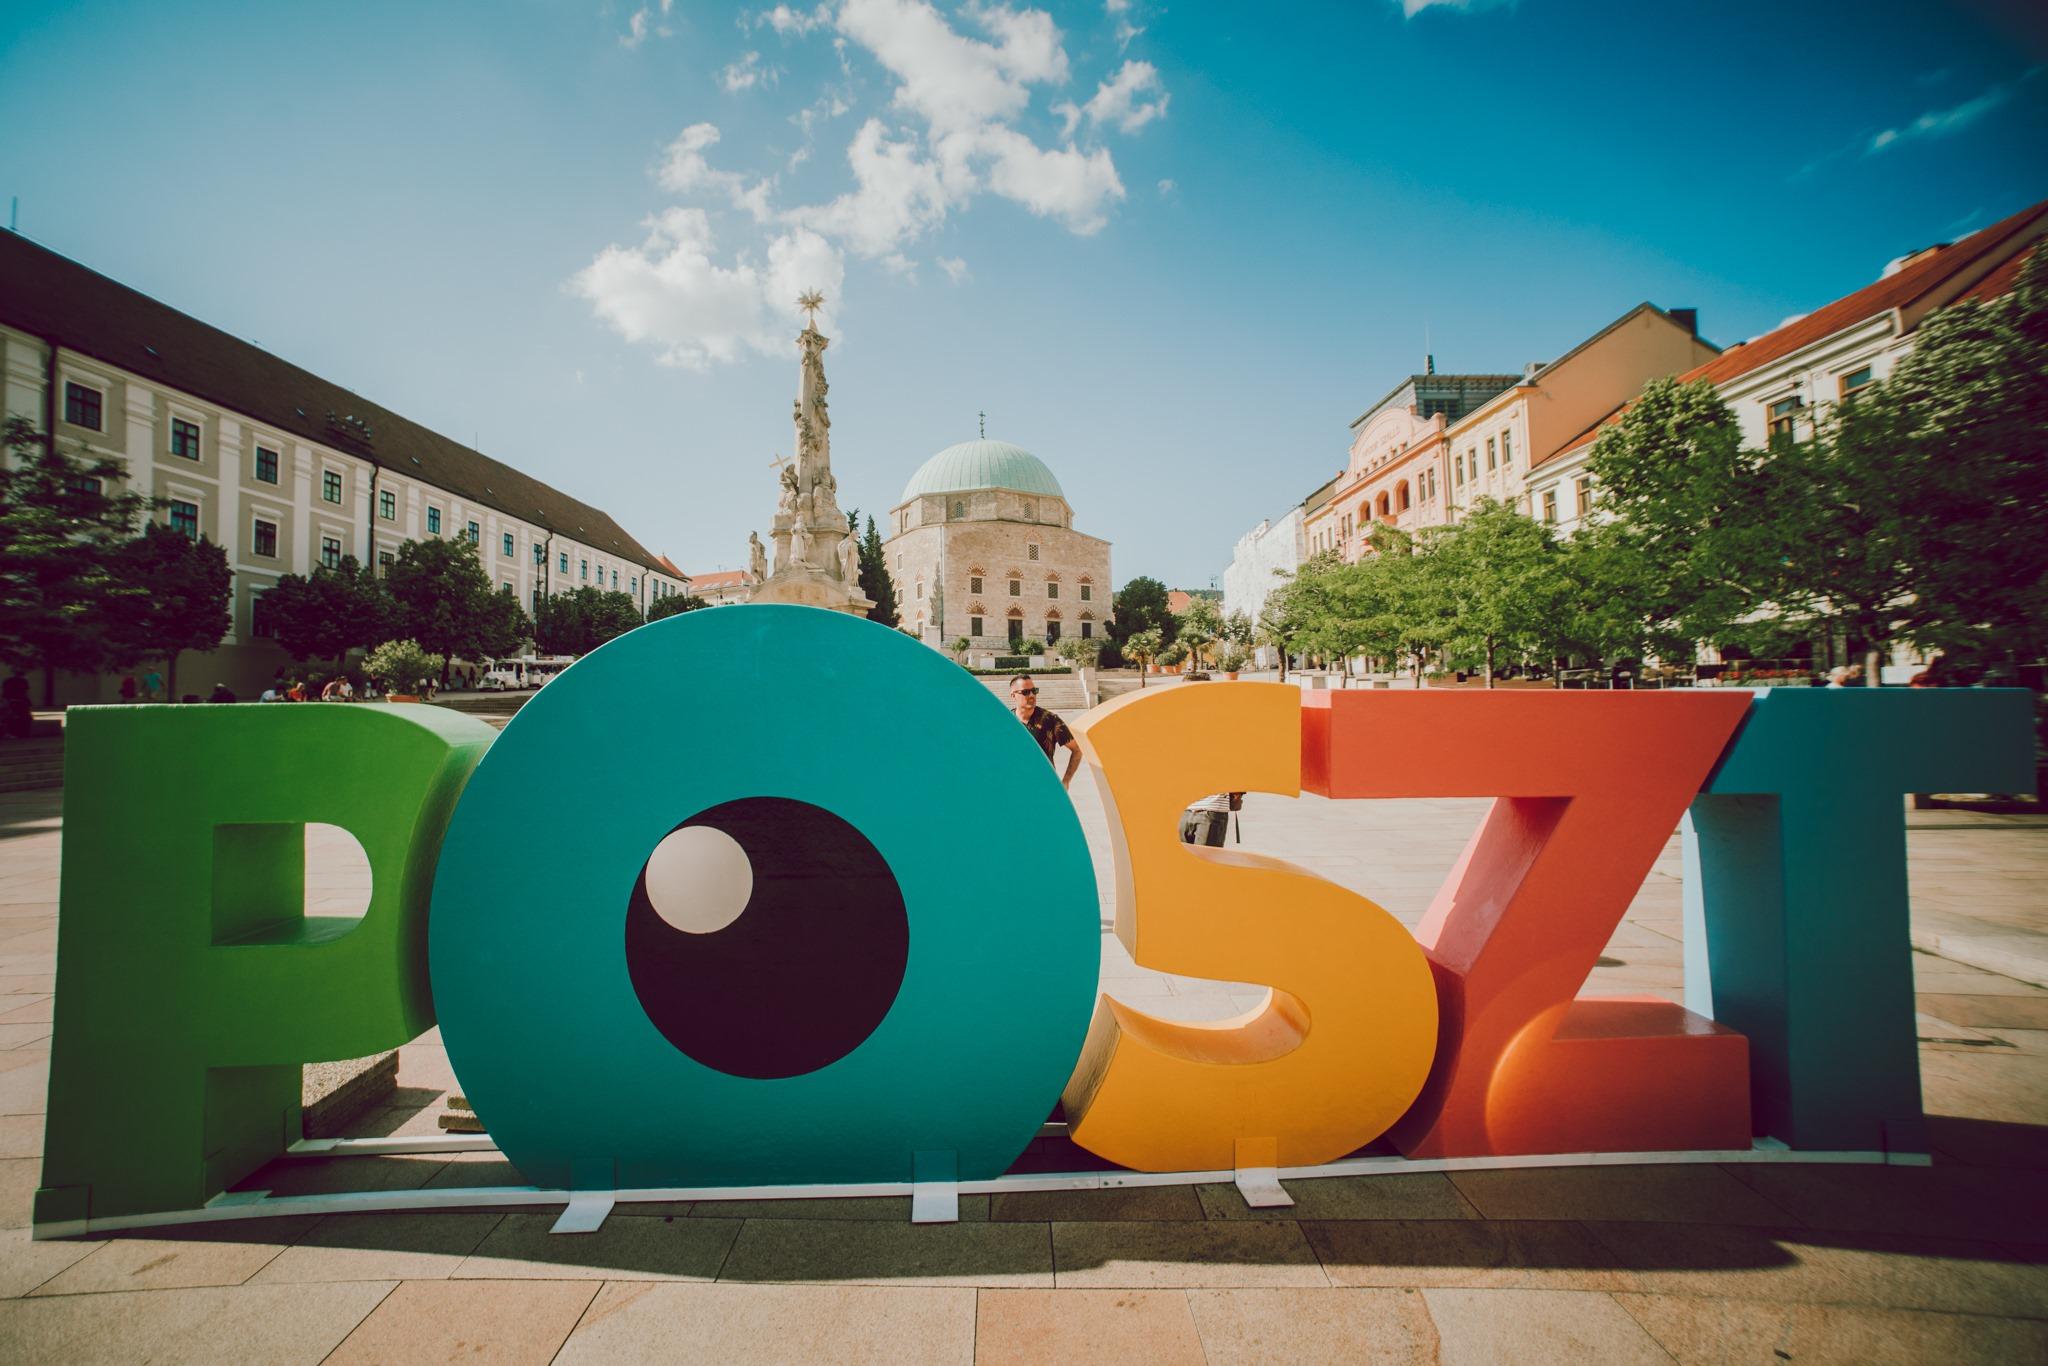 Megszüntetik a POSZT-fesztivált, vagyis a Pécsi Országos Színházi Találkozót